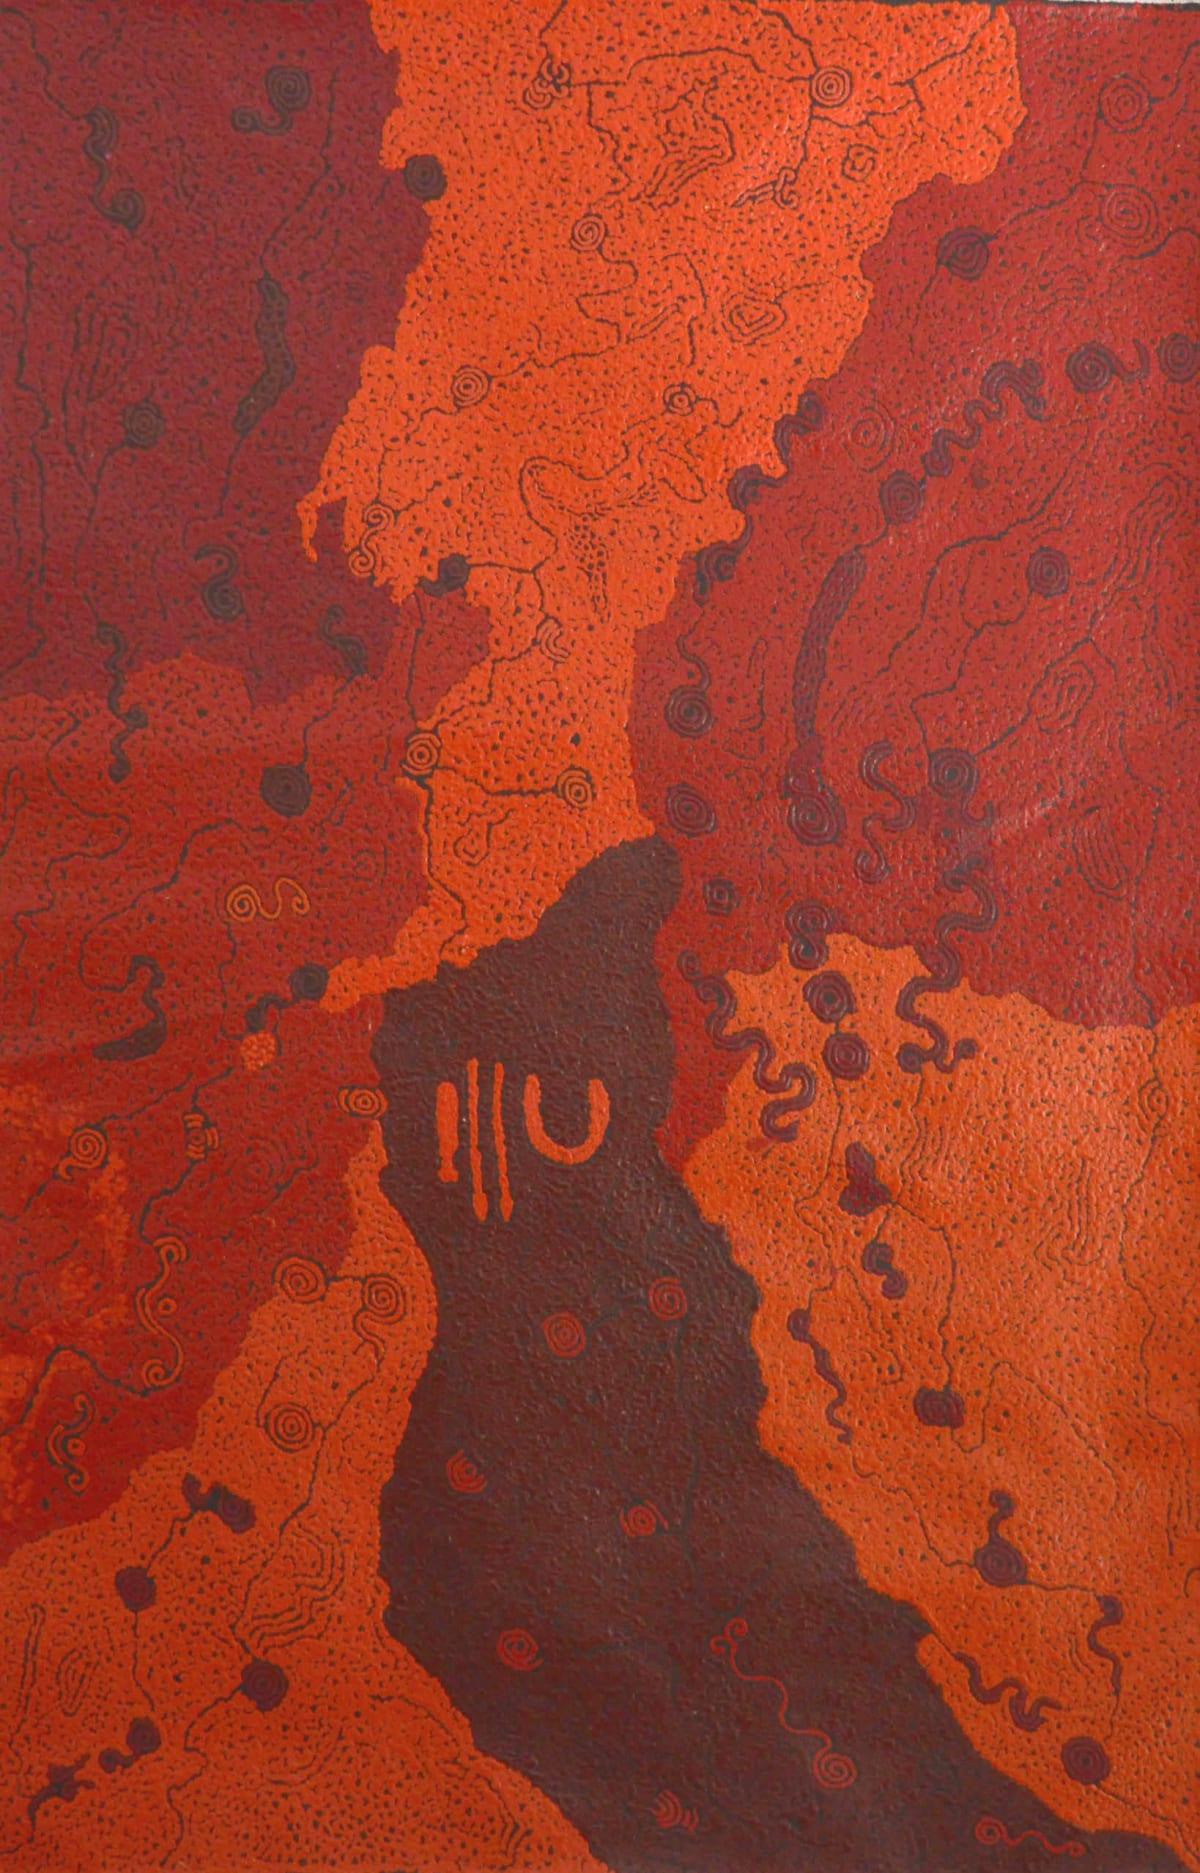 Keith Stevens Piltati 2014 acrylic on linen 100 x 66 cm